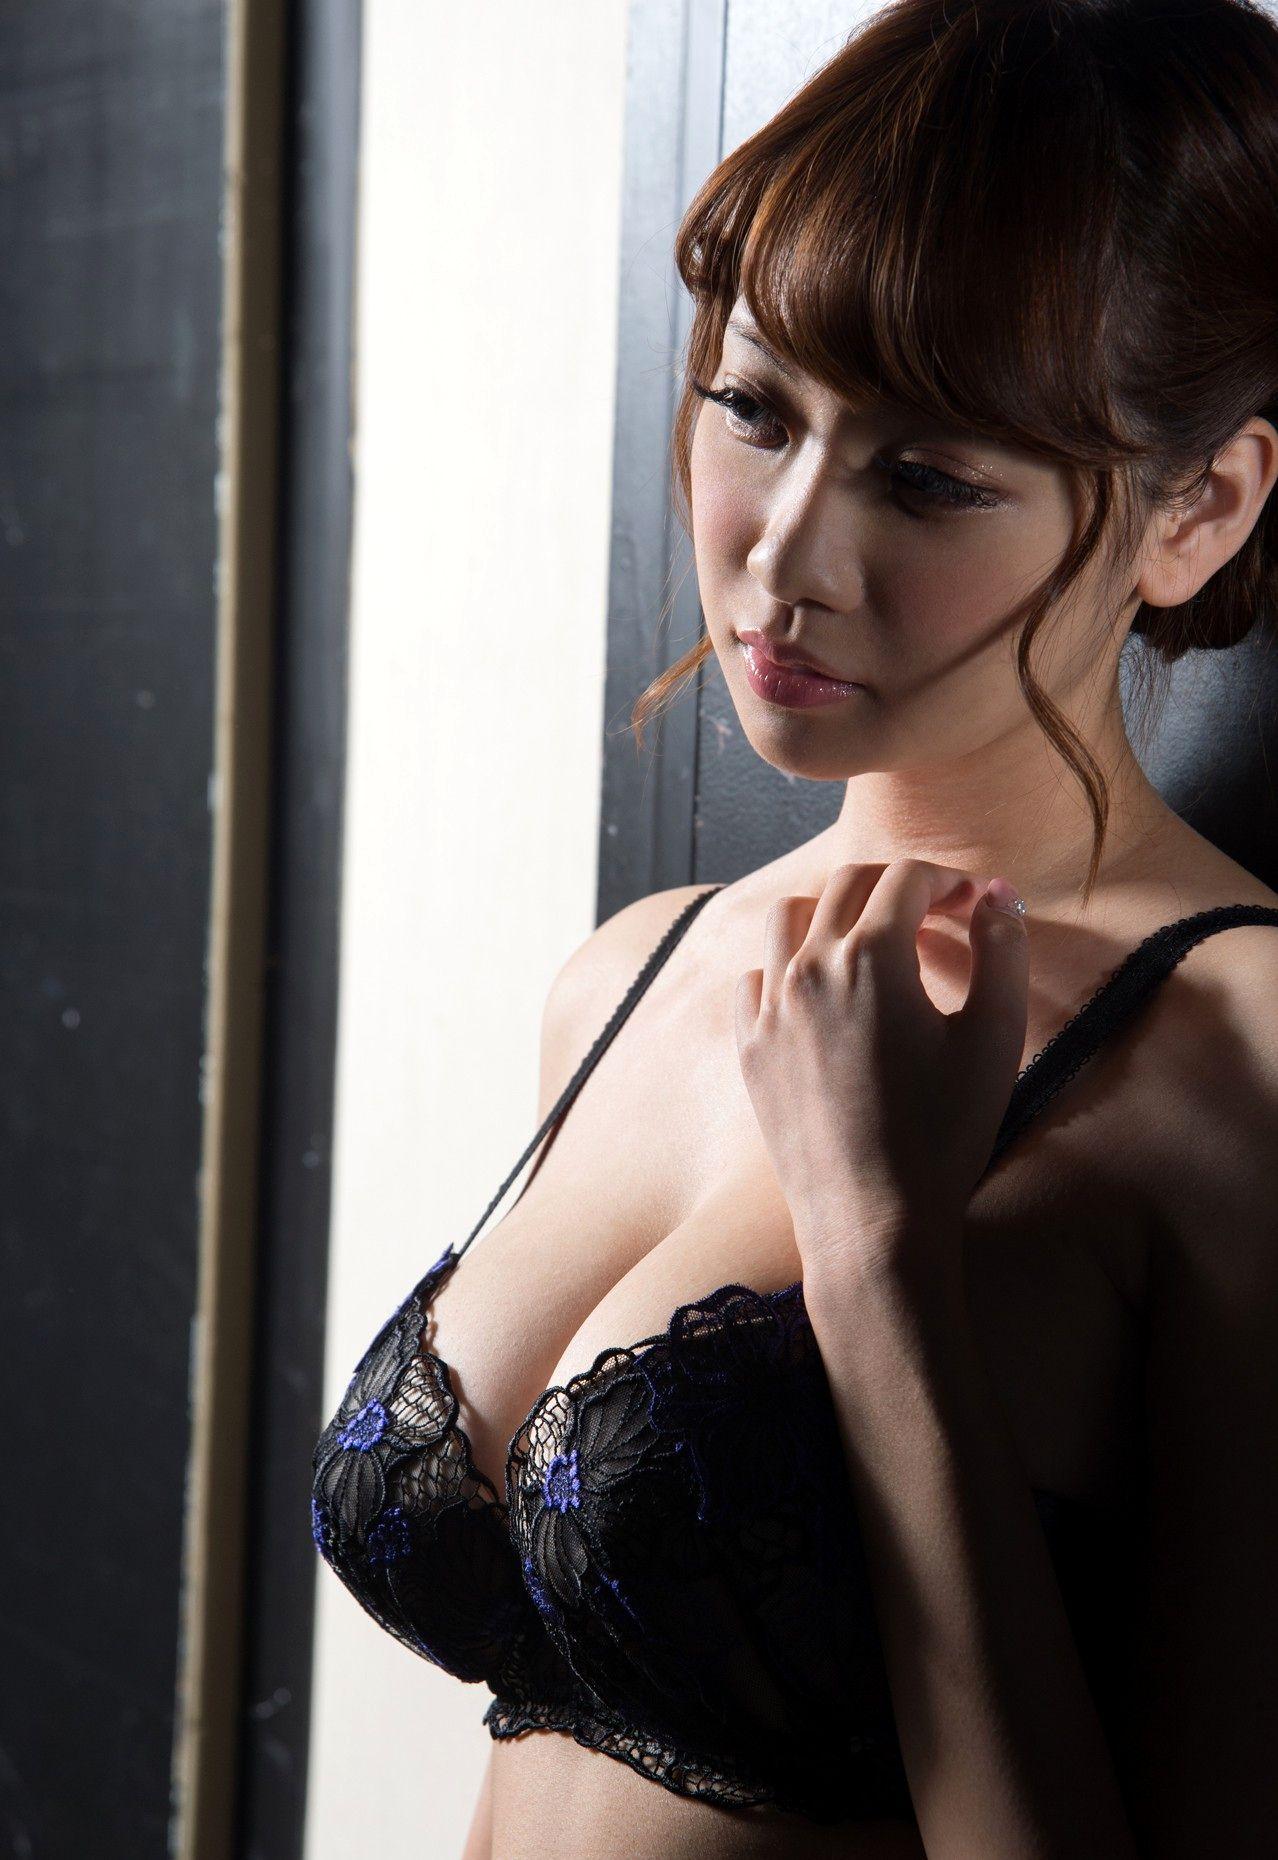 安齋ららのヌード写真